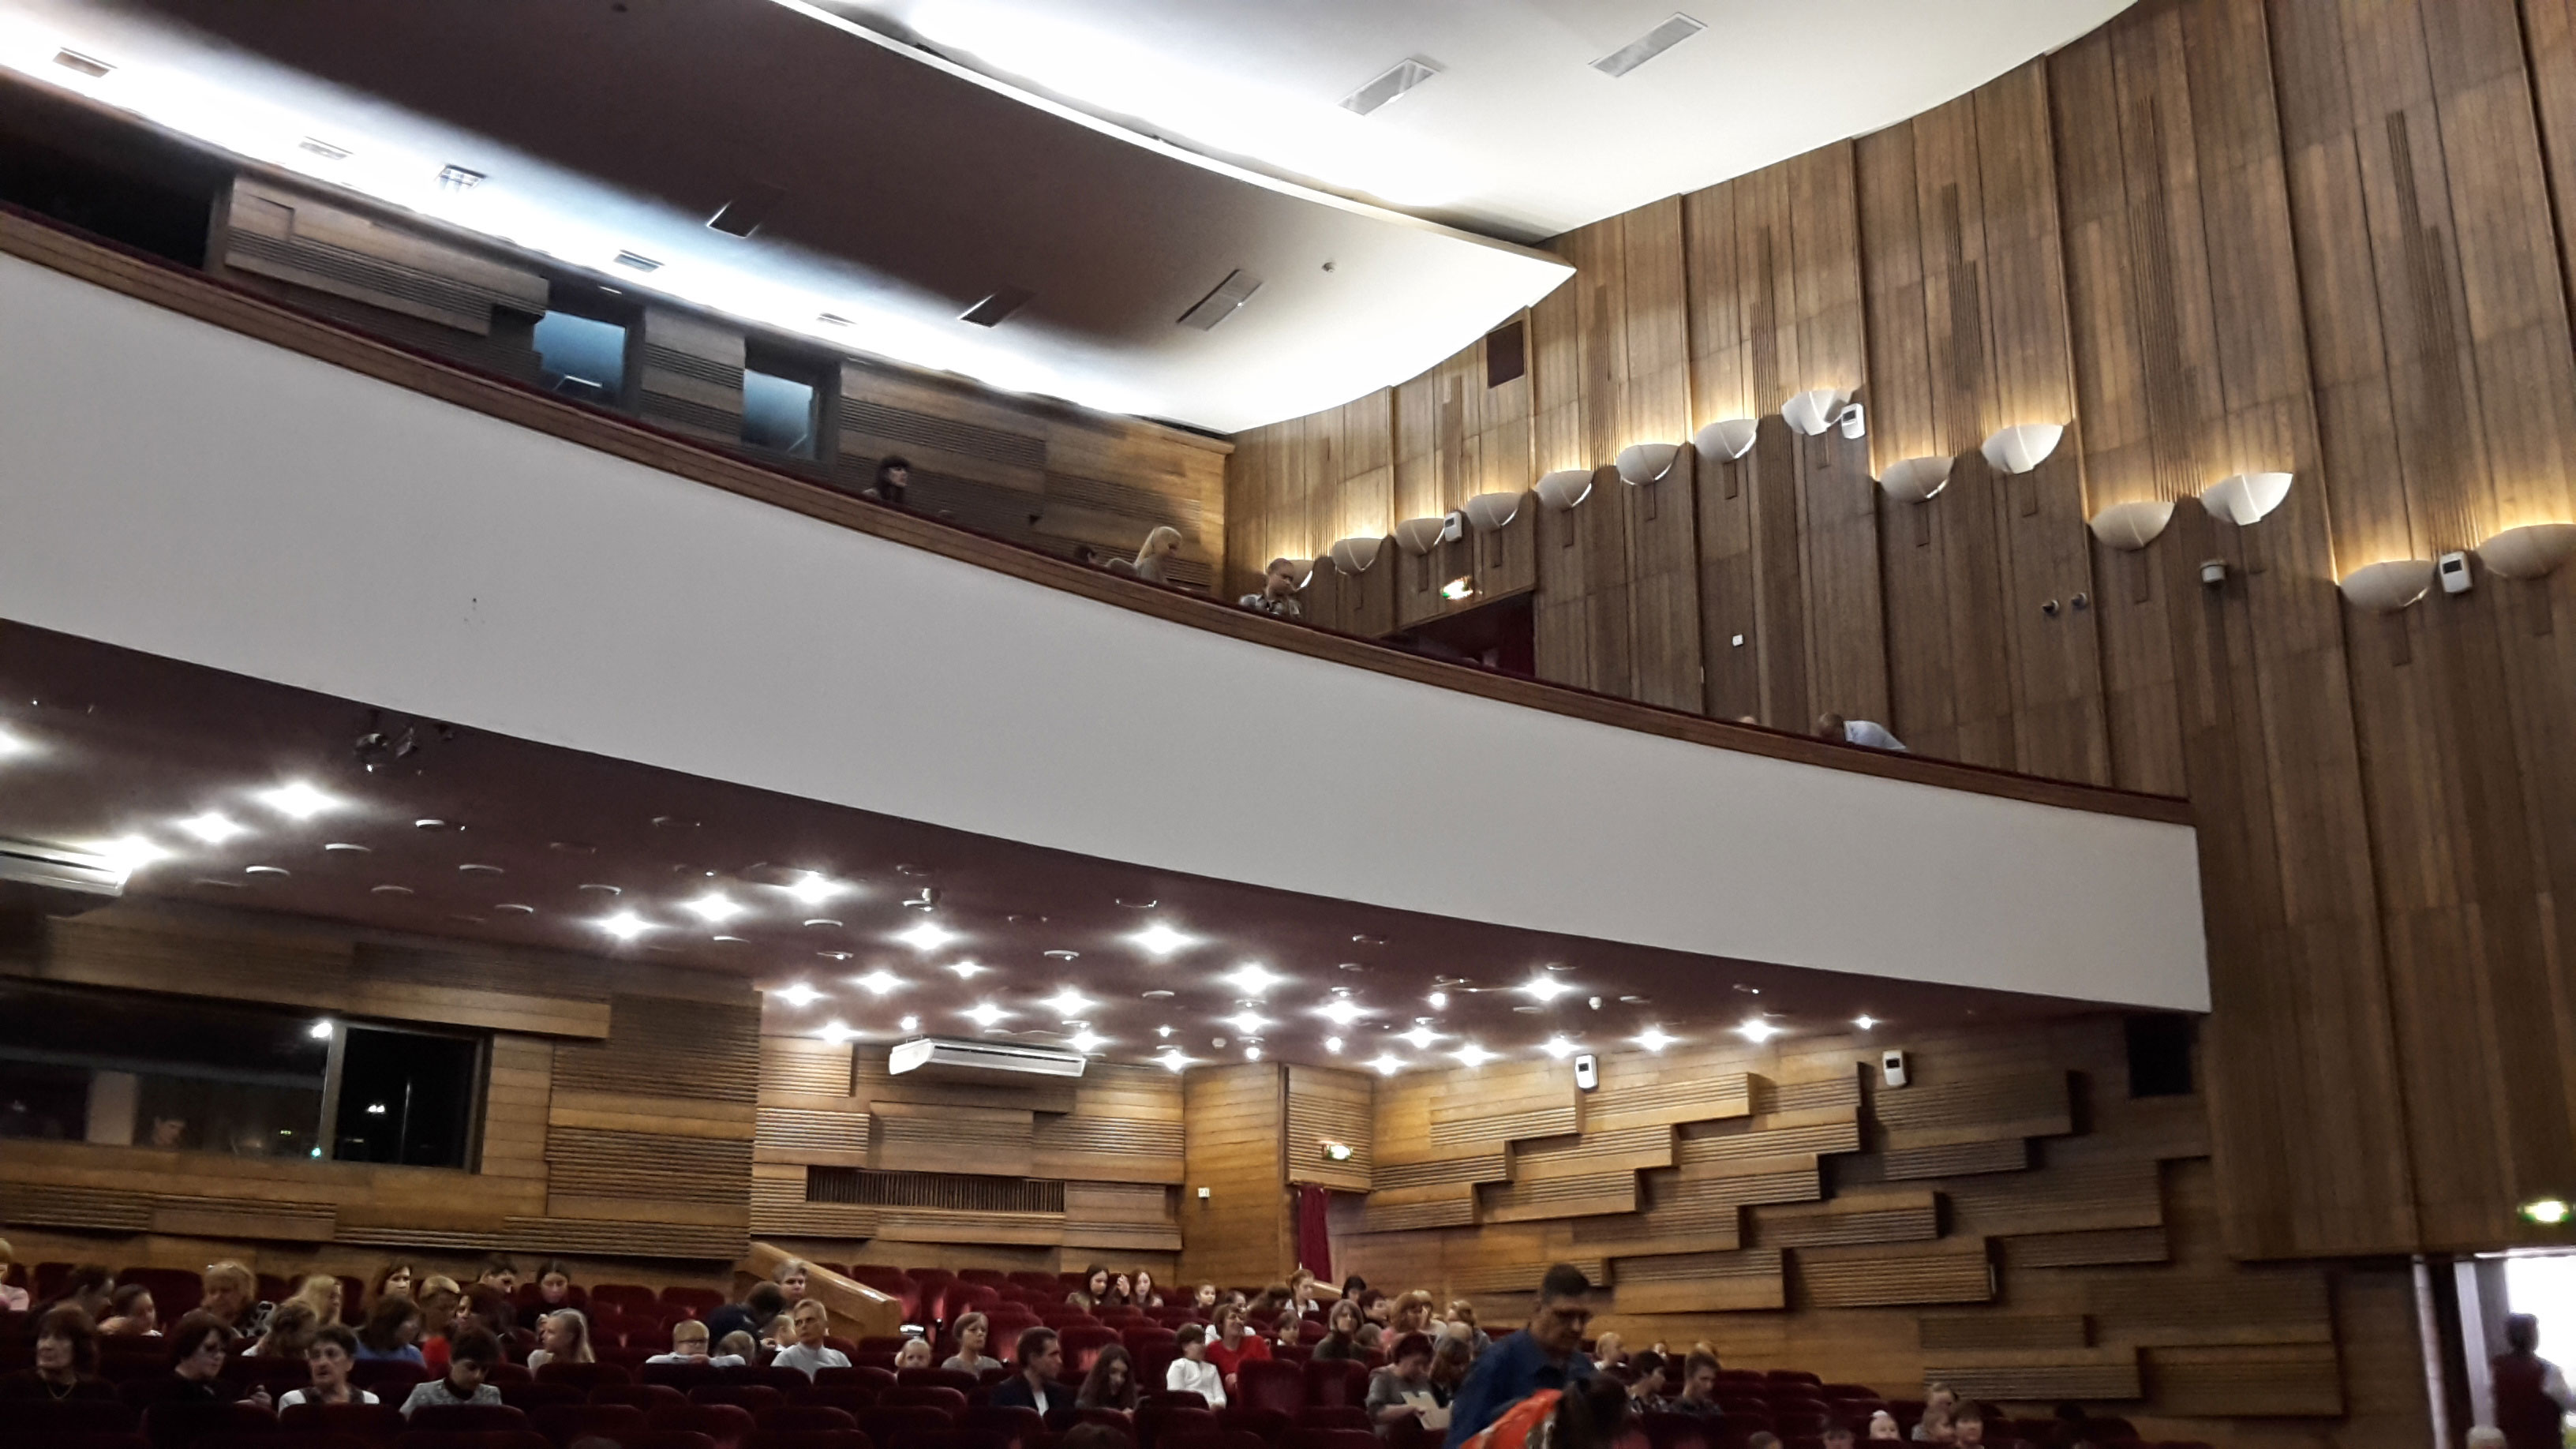 огромный зал с верхними балконами